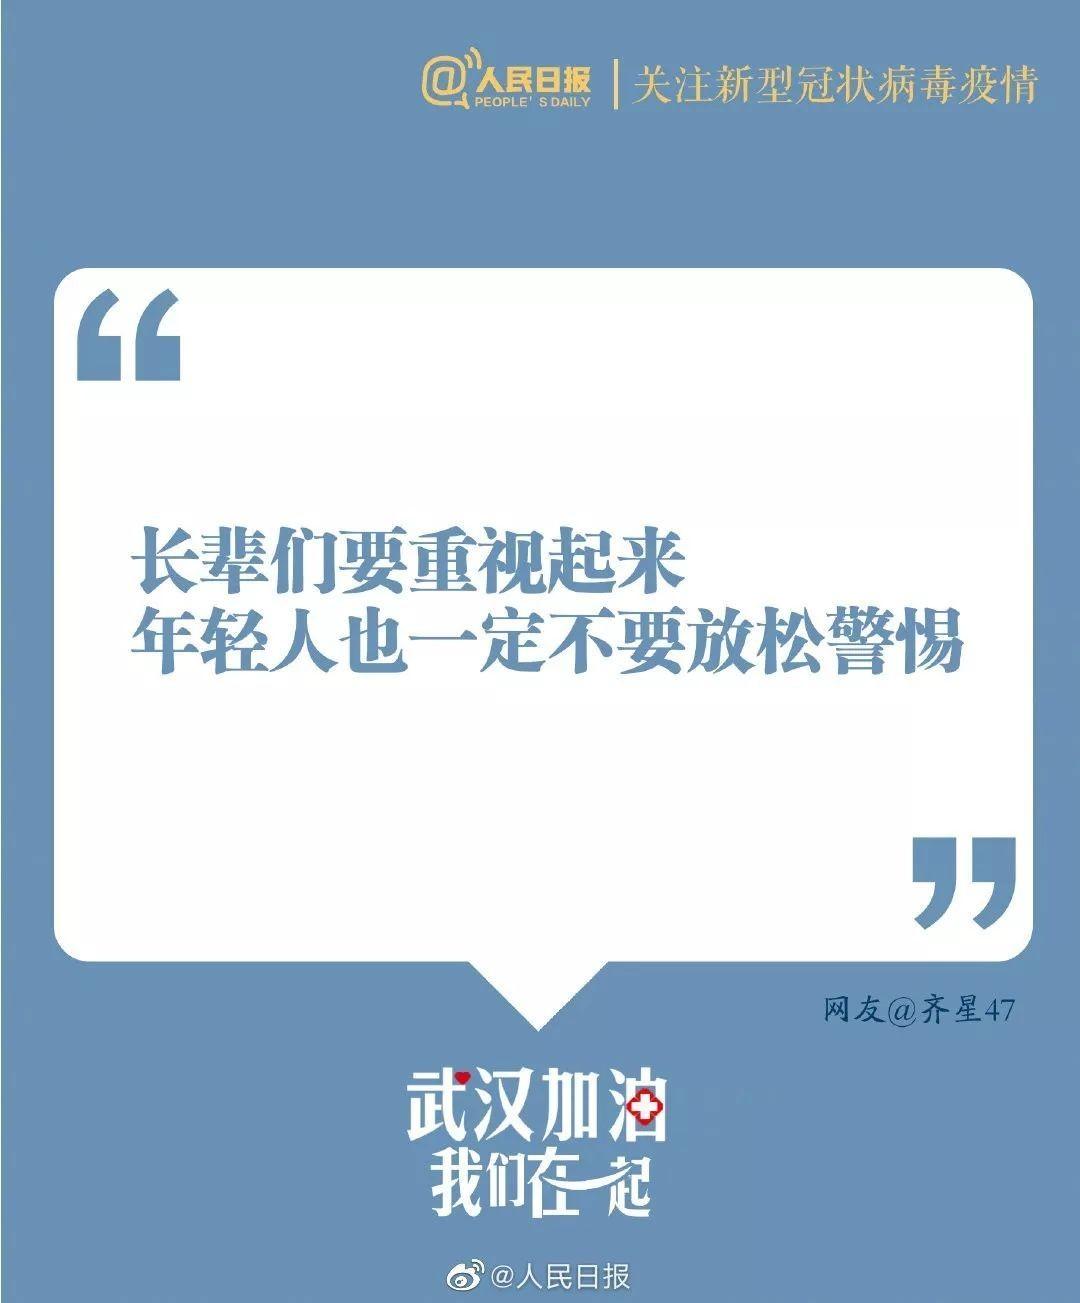 卓尔俱乐部为武汉加油:众志成城,共渡难关